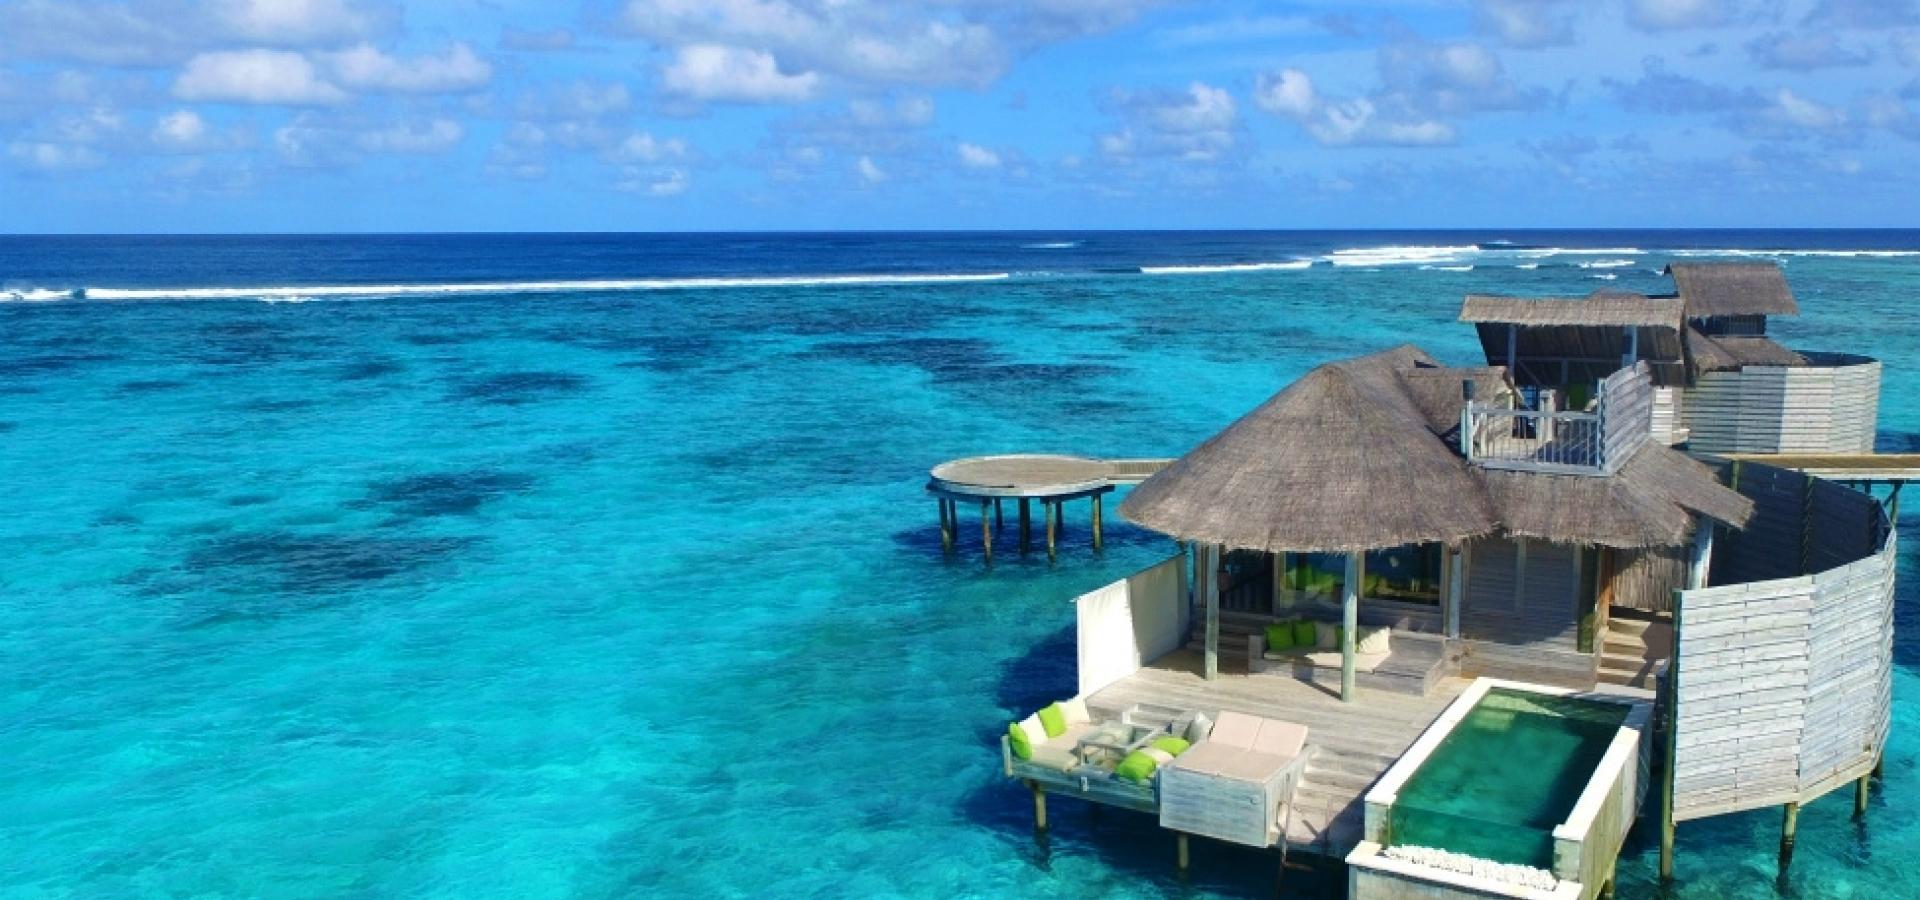 Maldivas - Villas Six Senses Laamu